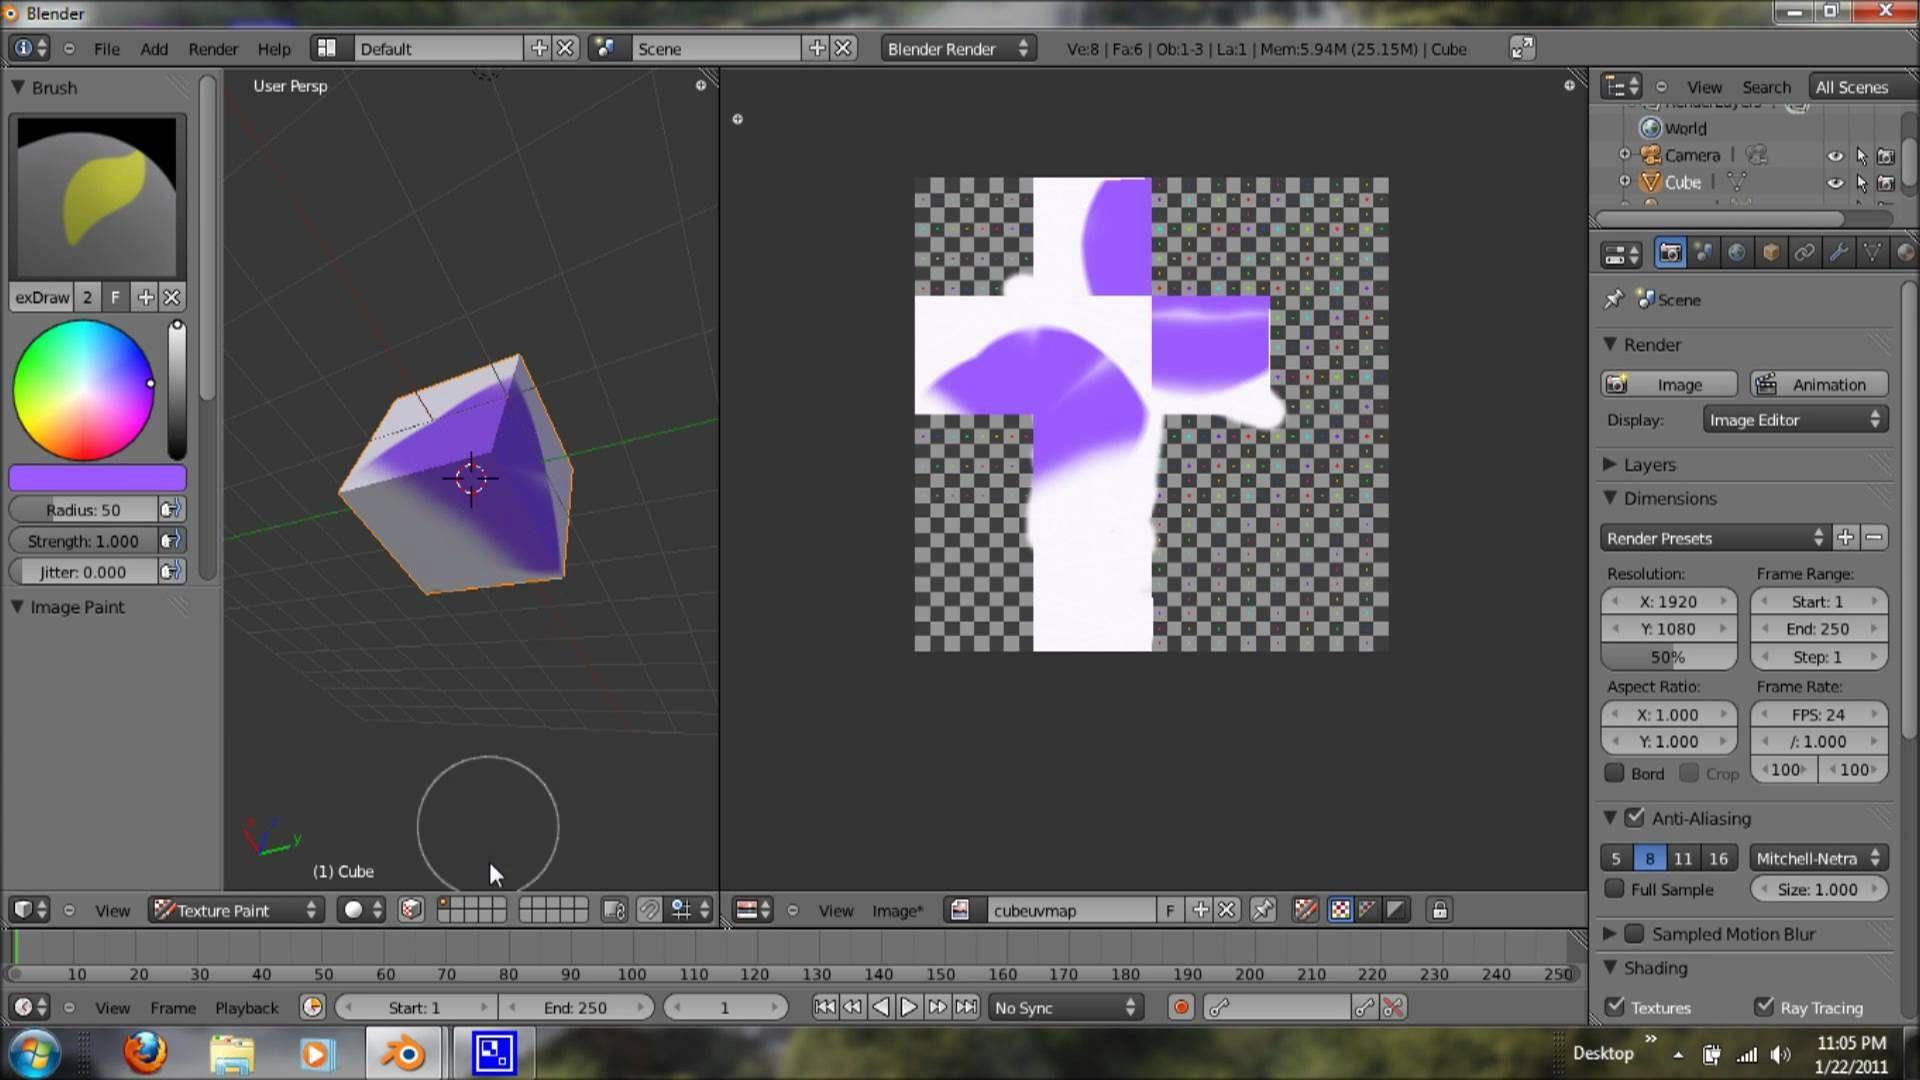 Blender 2.5 Tutorial Texture Painting (For Beginner's